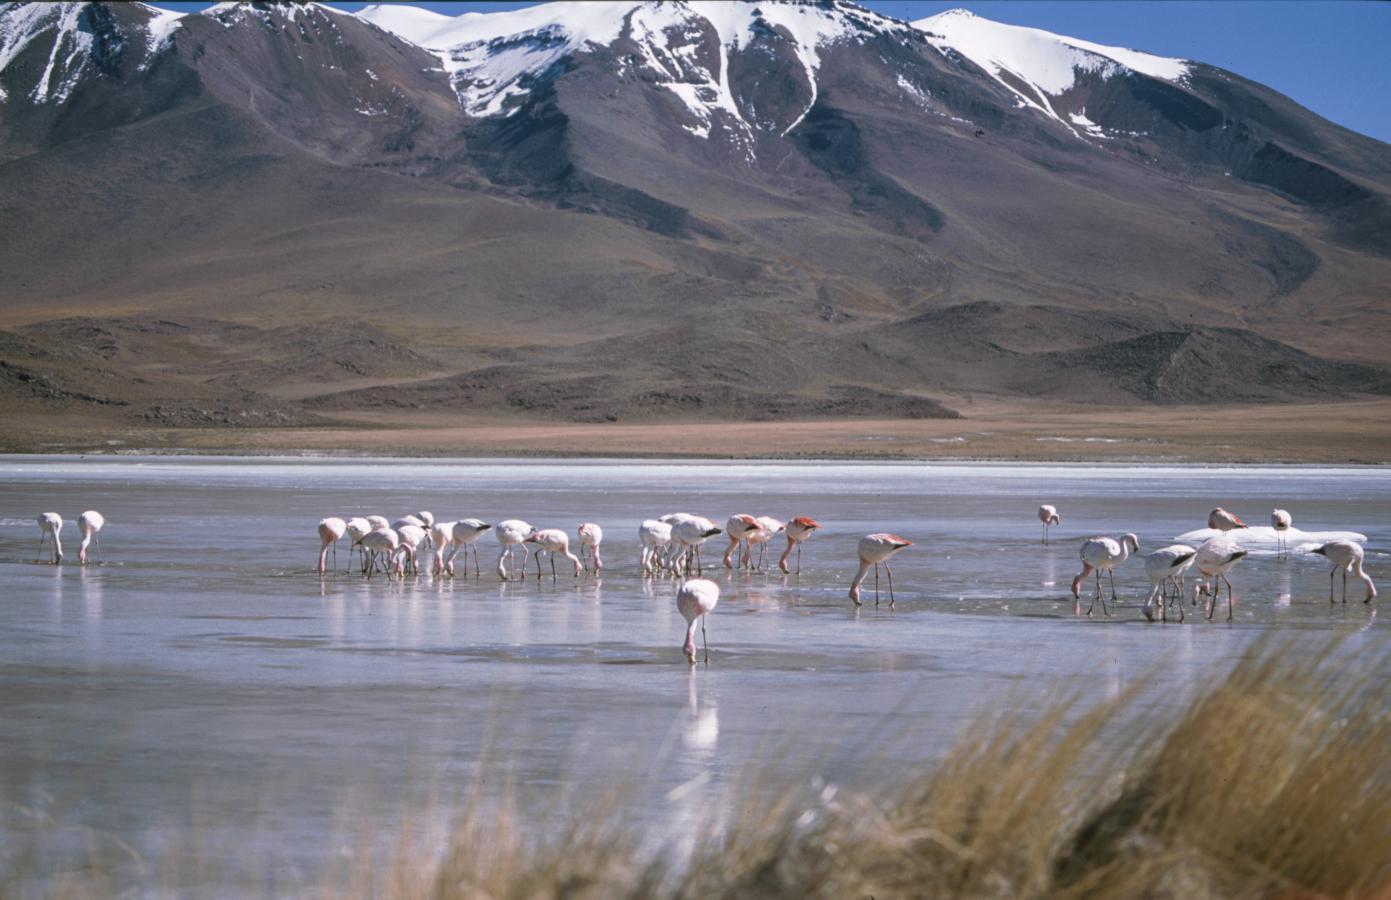 lama-glama-23-bolivia-2001